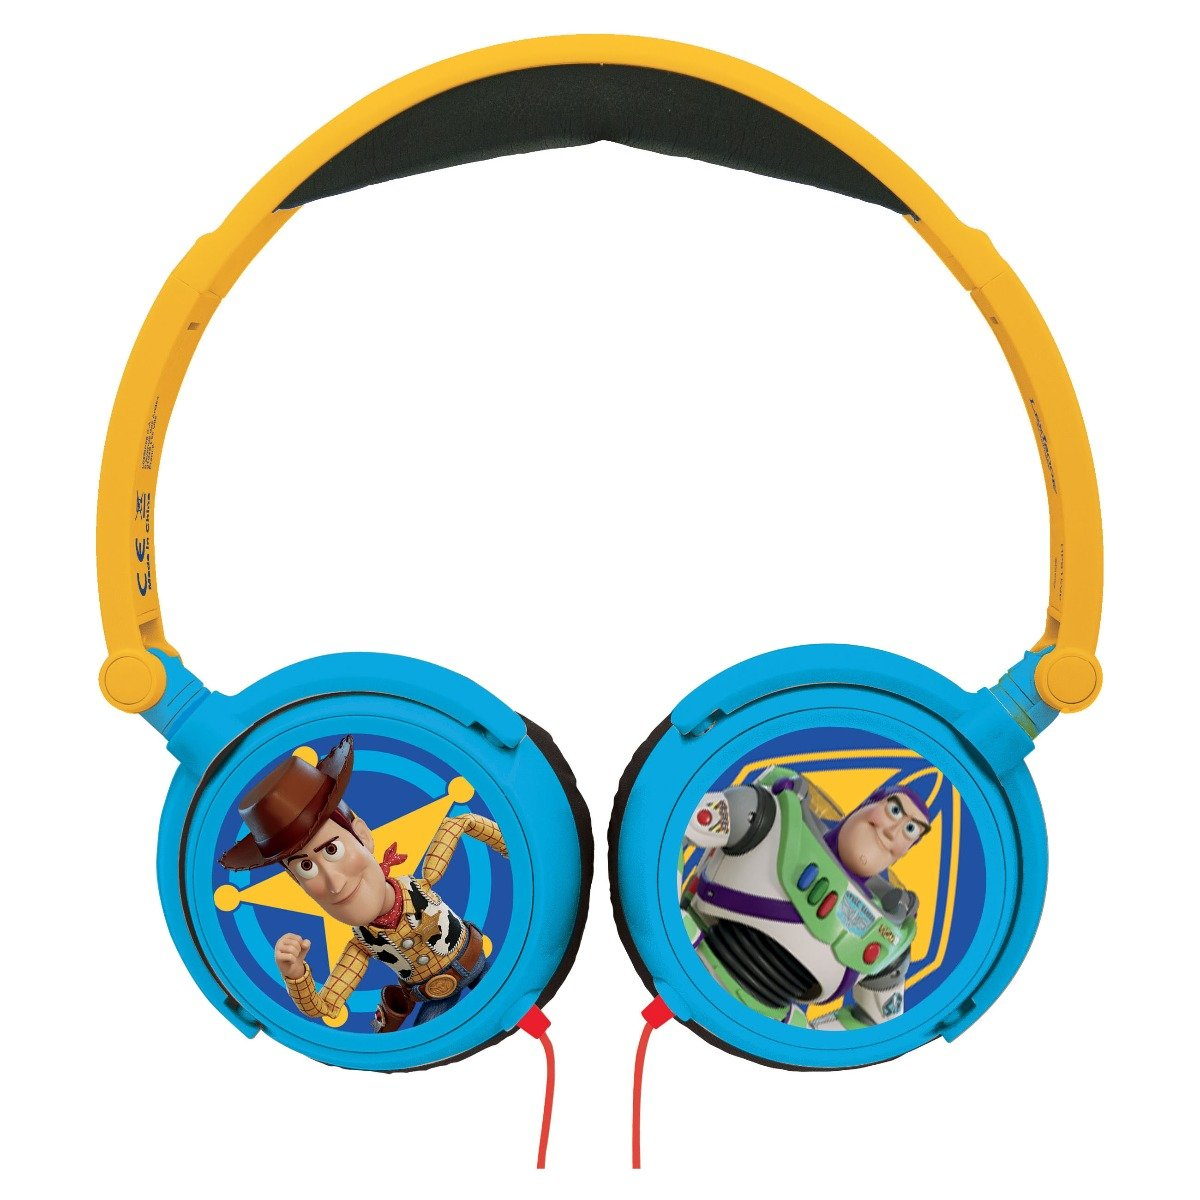 Casti audio cu fir pliabile. Toy Story 4